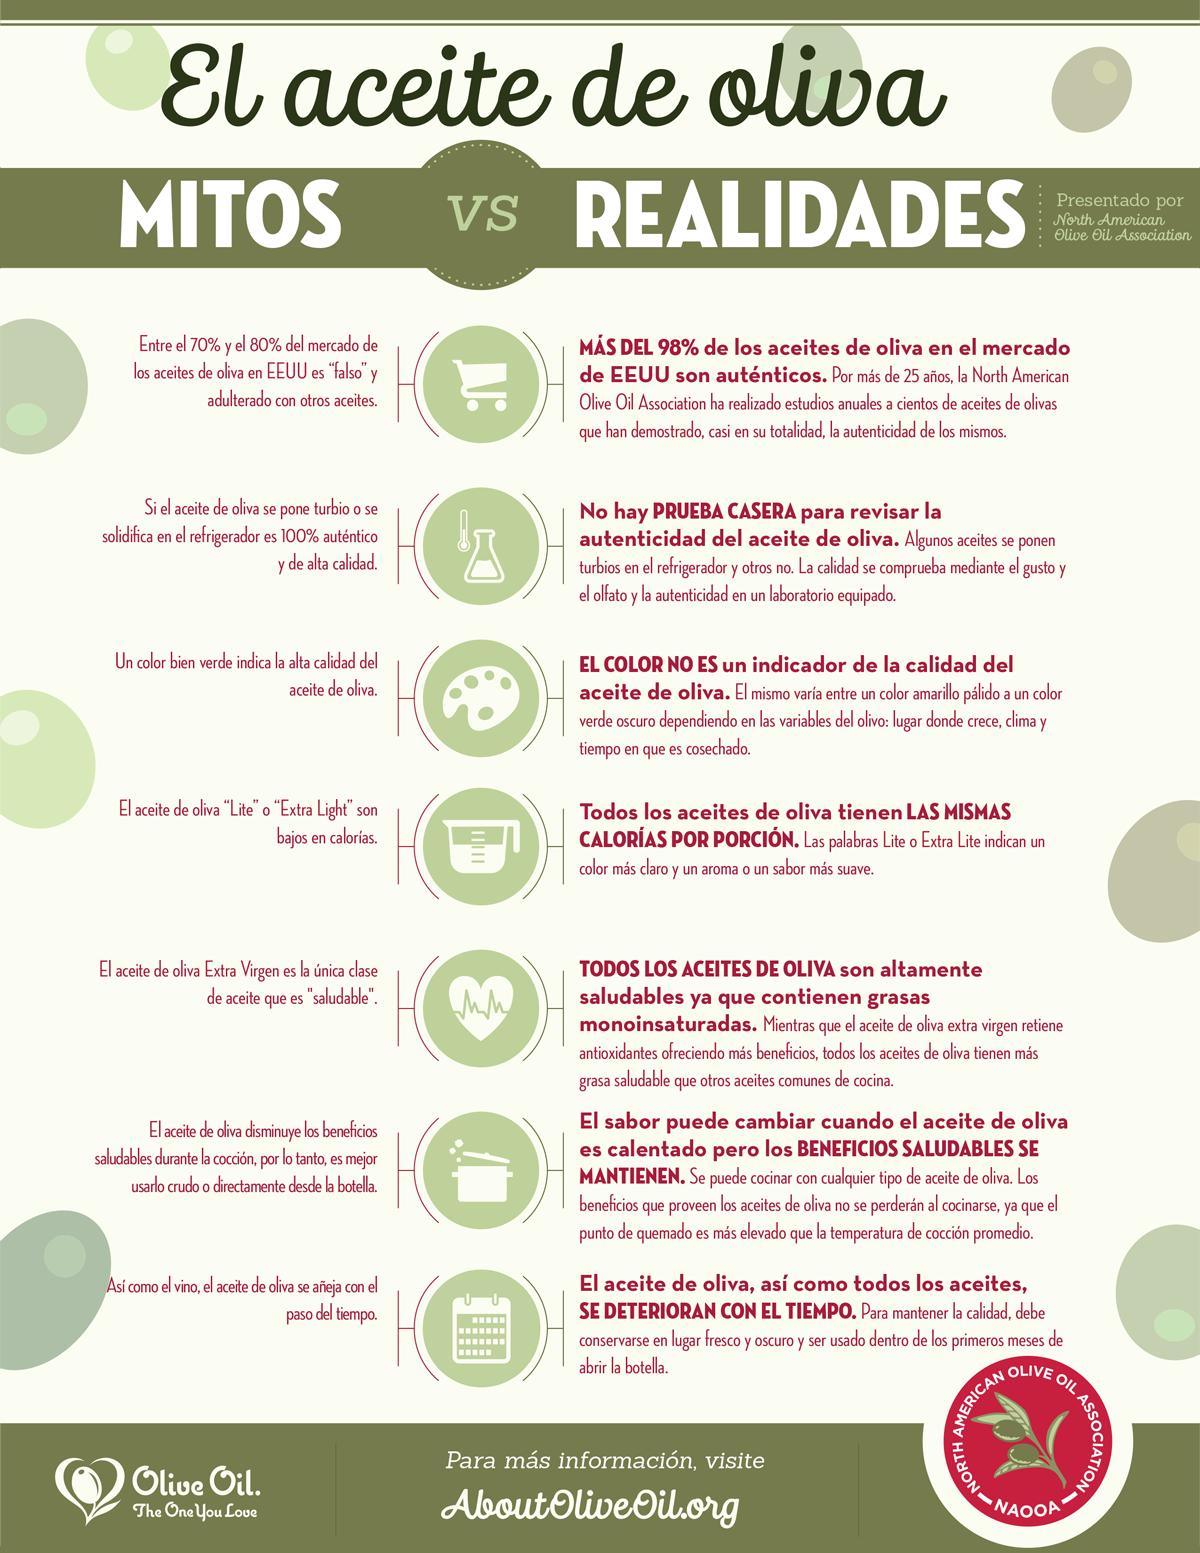 Mitos_vs_realidades